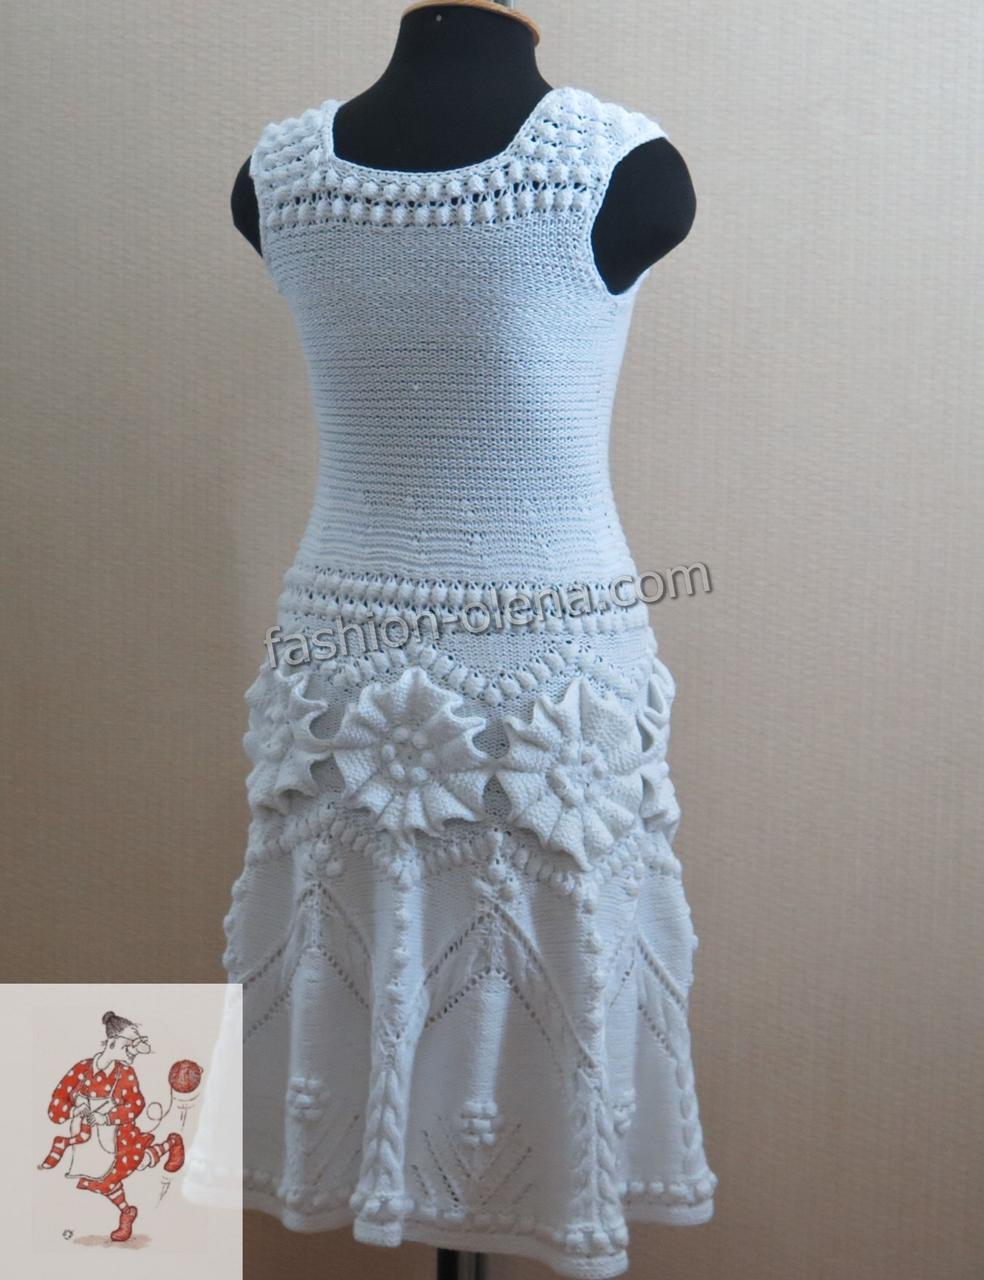 Схема вышивки с джек рассел терьером